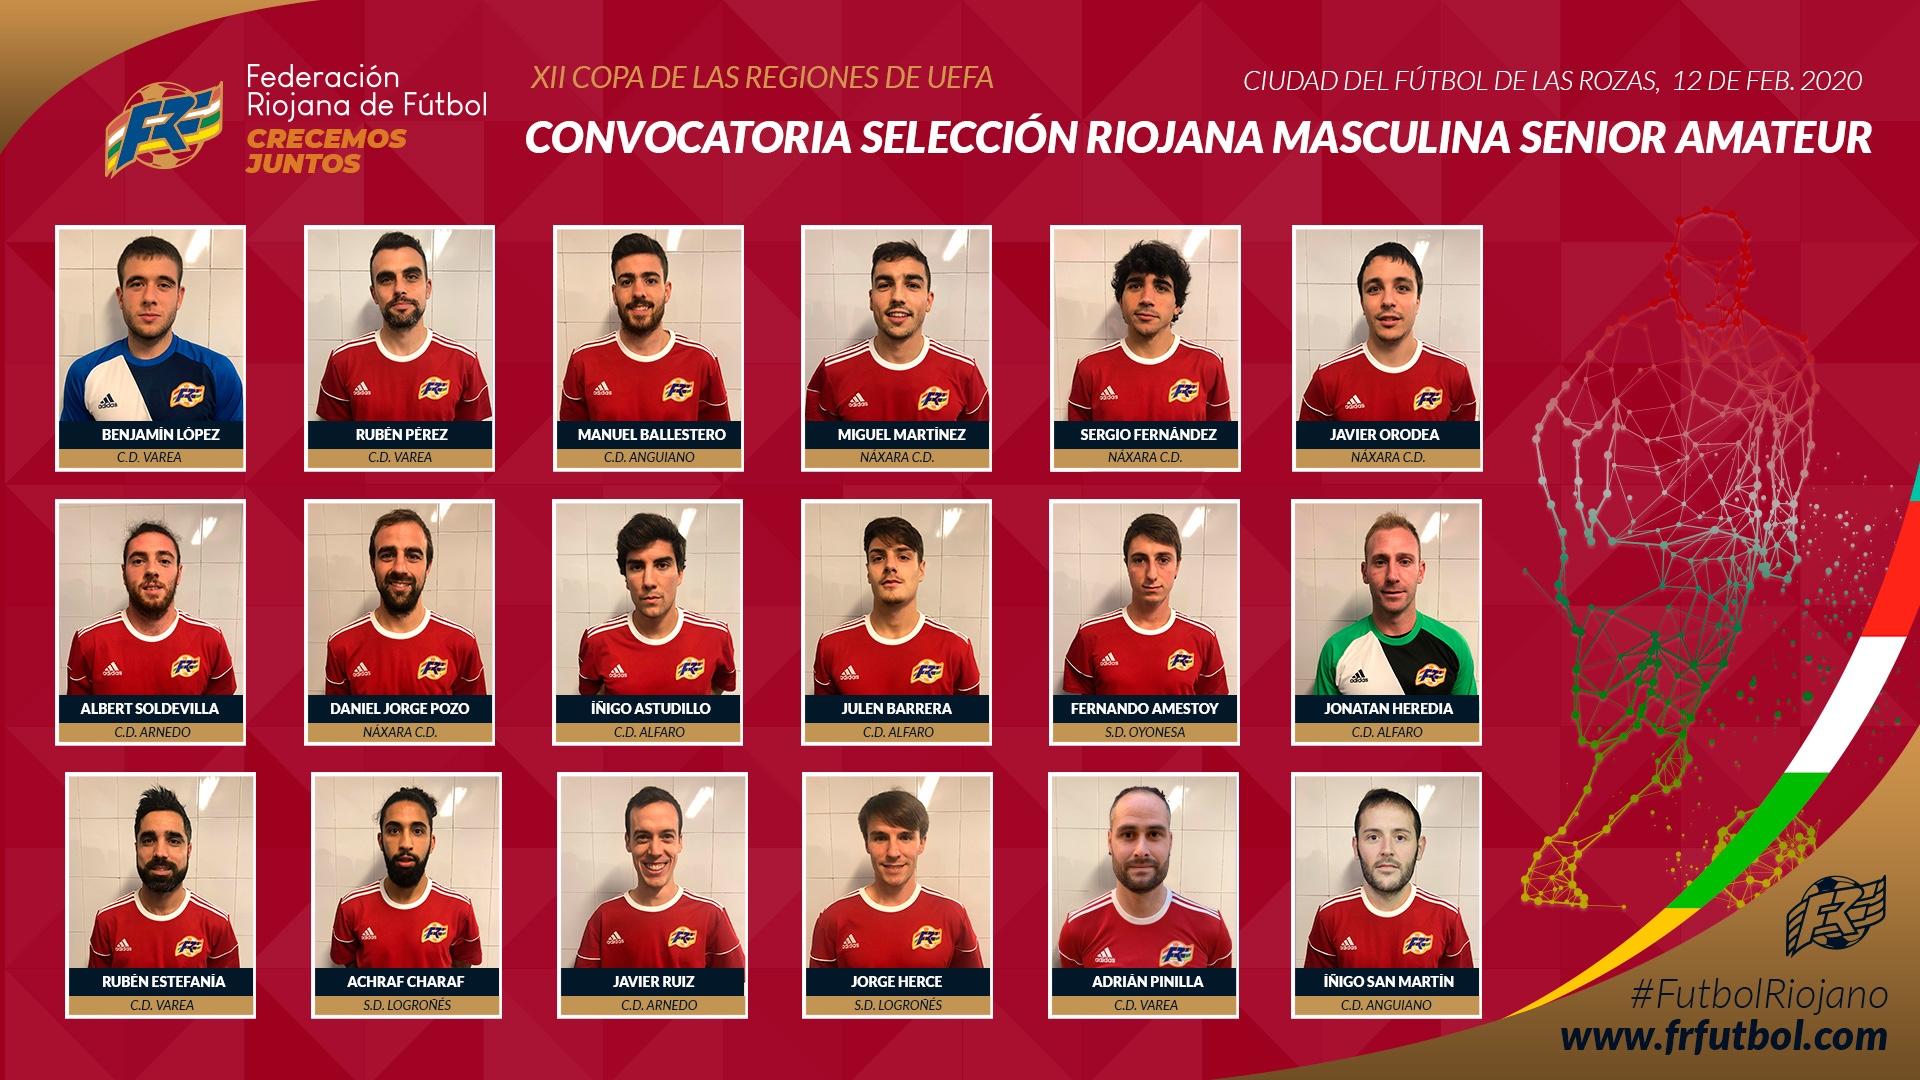 Photo of La Rioja buscará este miércoles las semifinales de la Copa de las regiones UEFA